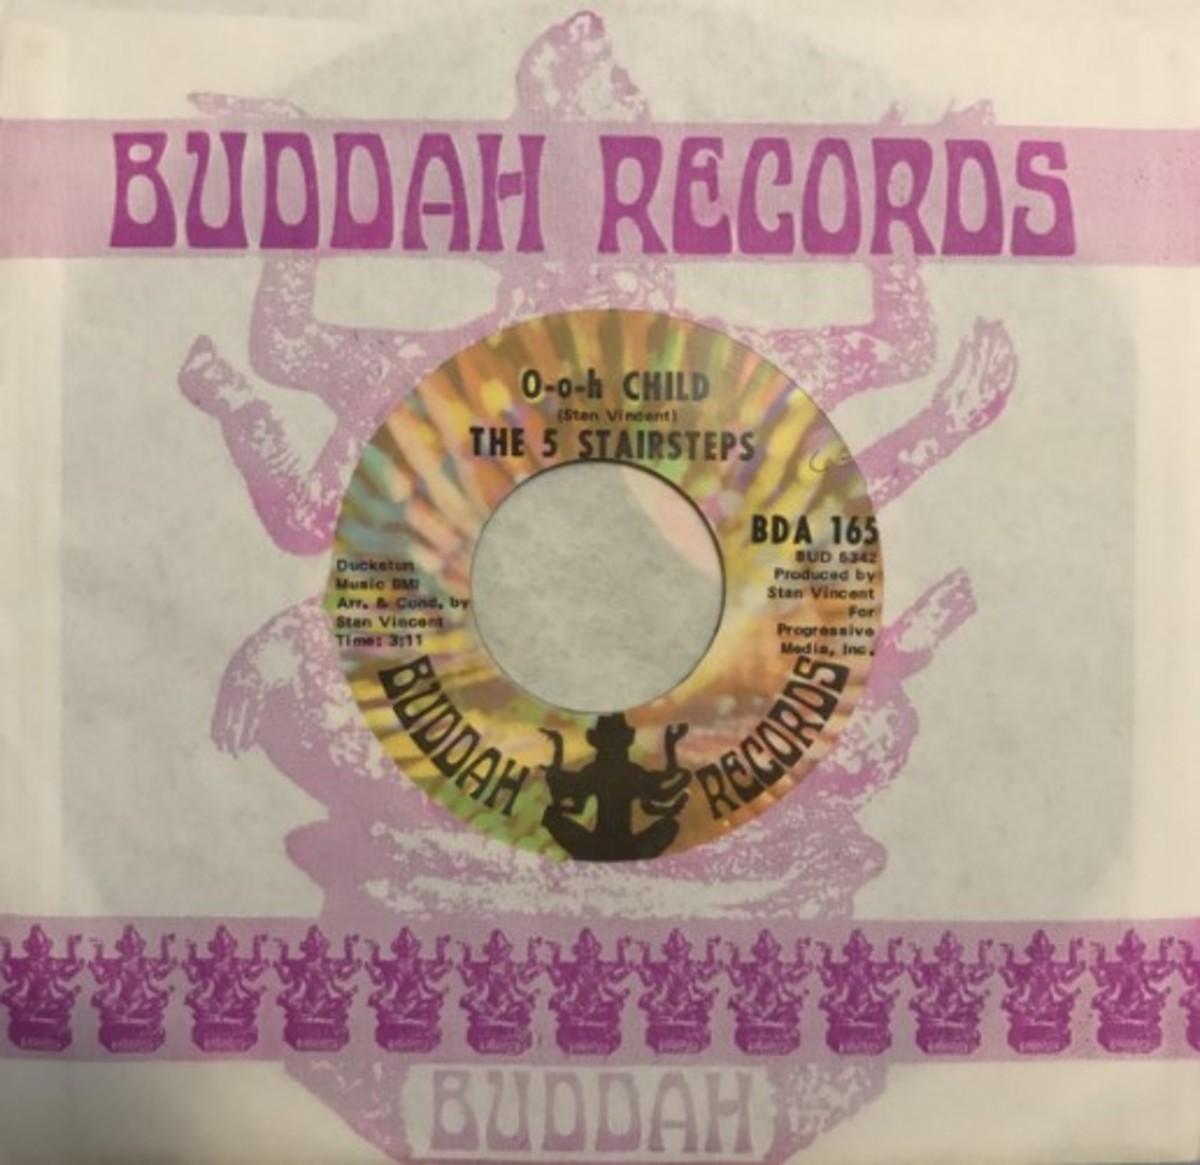 Buddah ooh